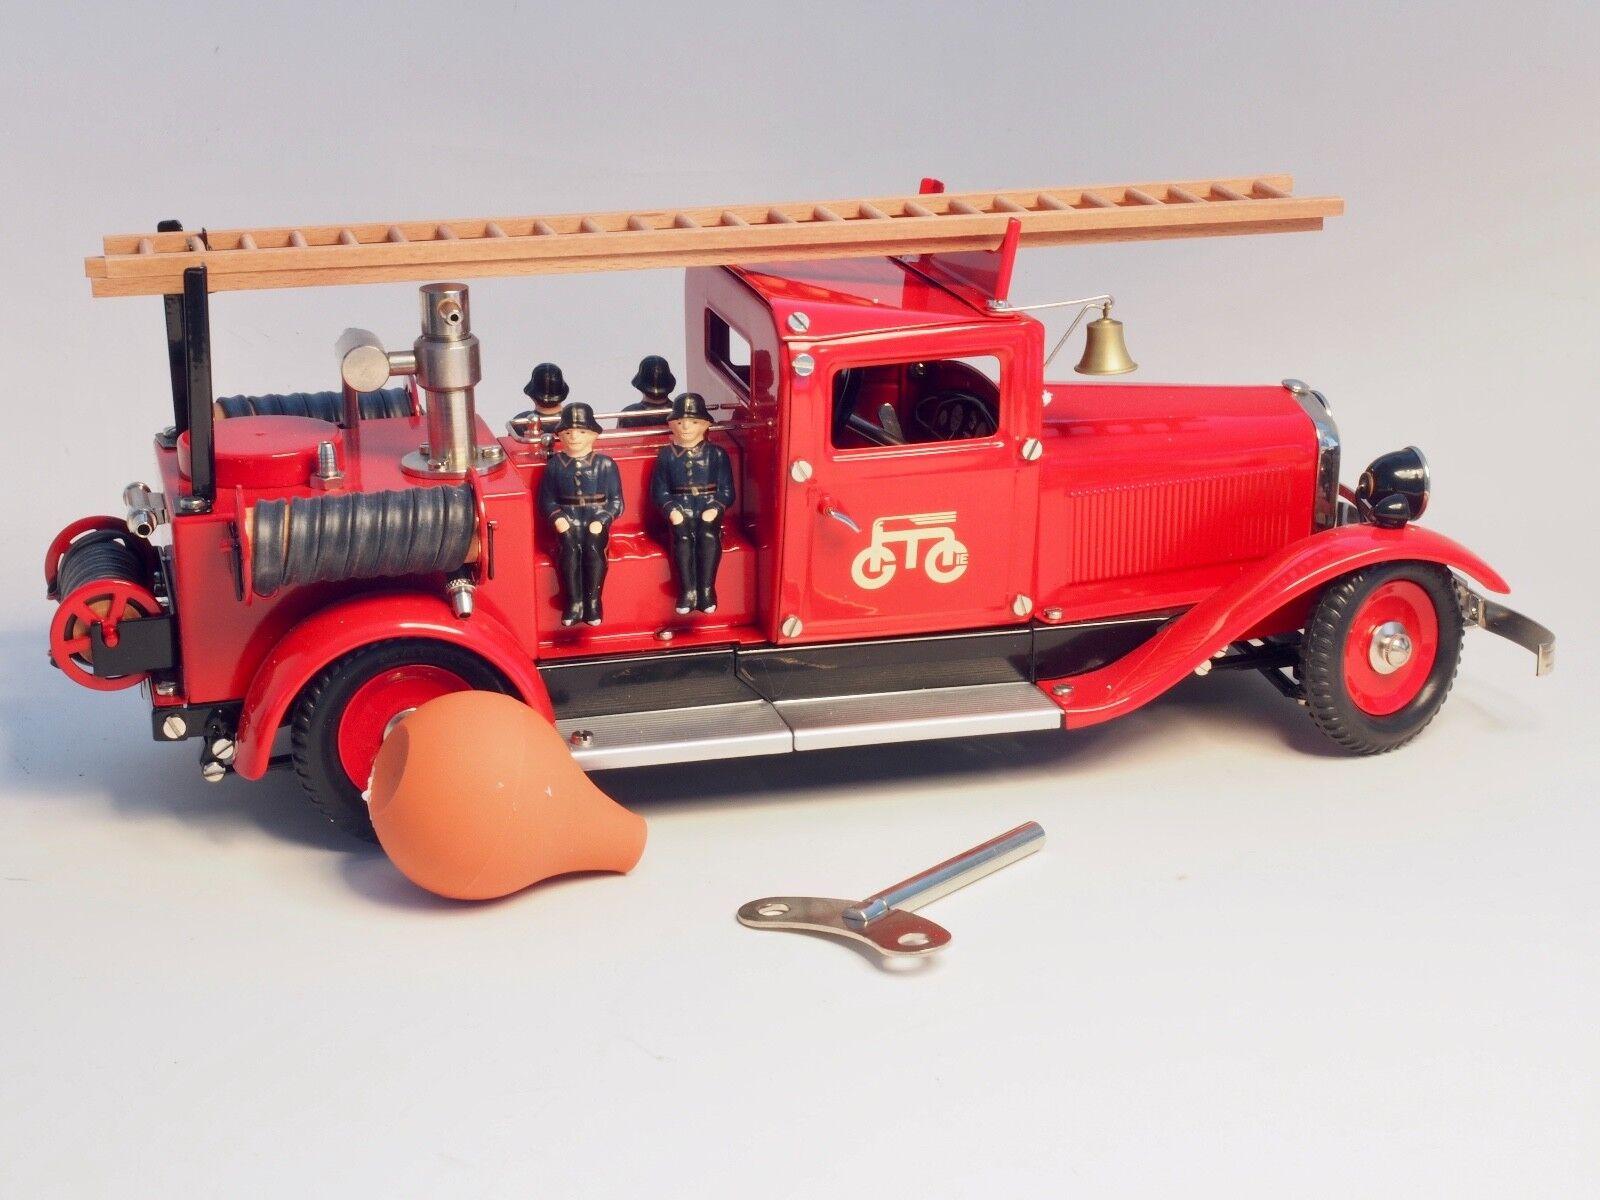 19034 Marklin Vigili Del Fuoco Acqua Pumper Camion, Wind-Up a Molla Motore